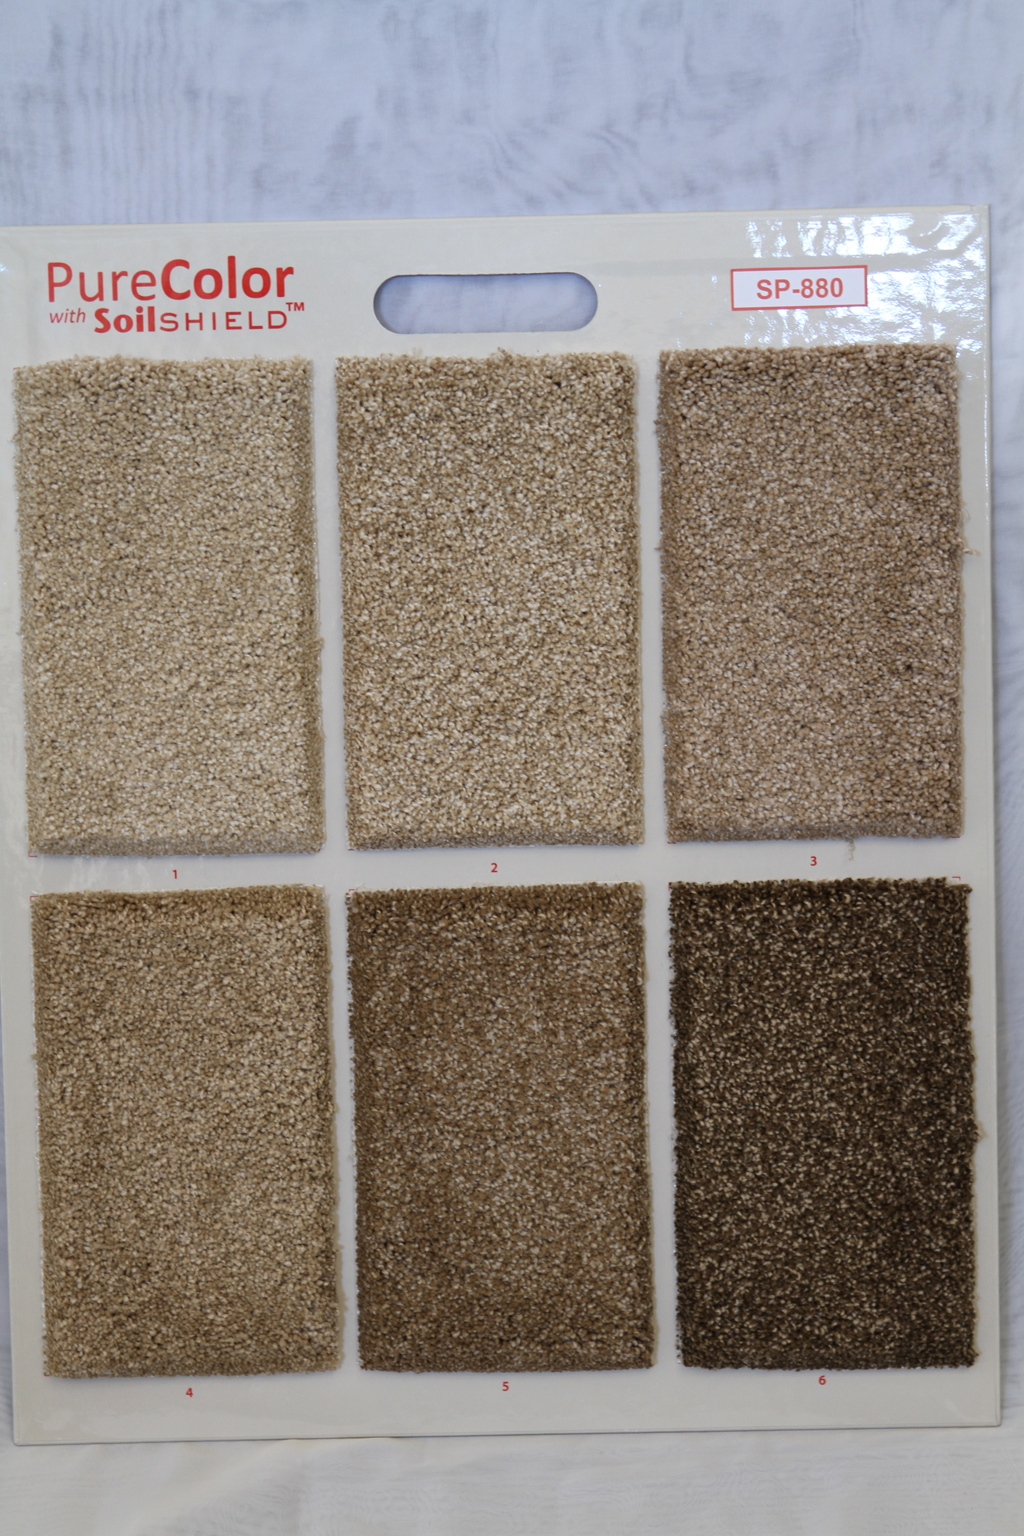 Purecolor Carpet Review Carpet Vidalondon